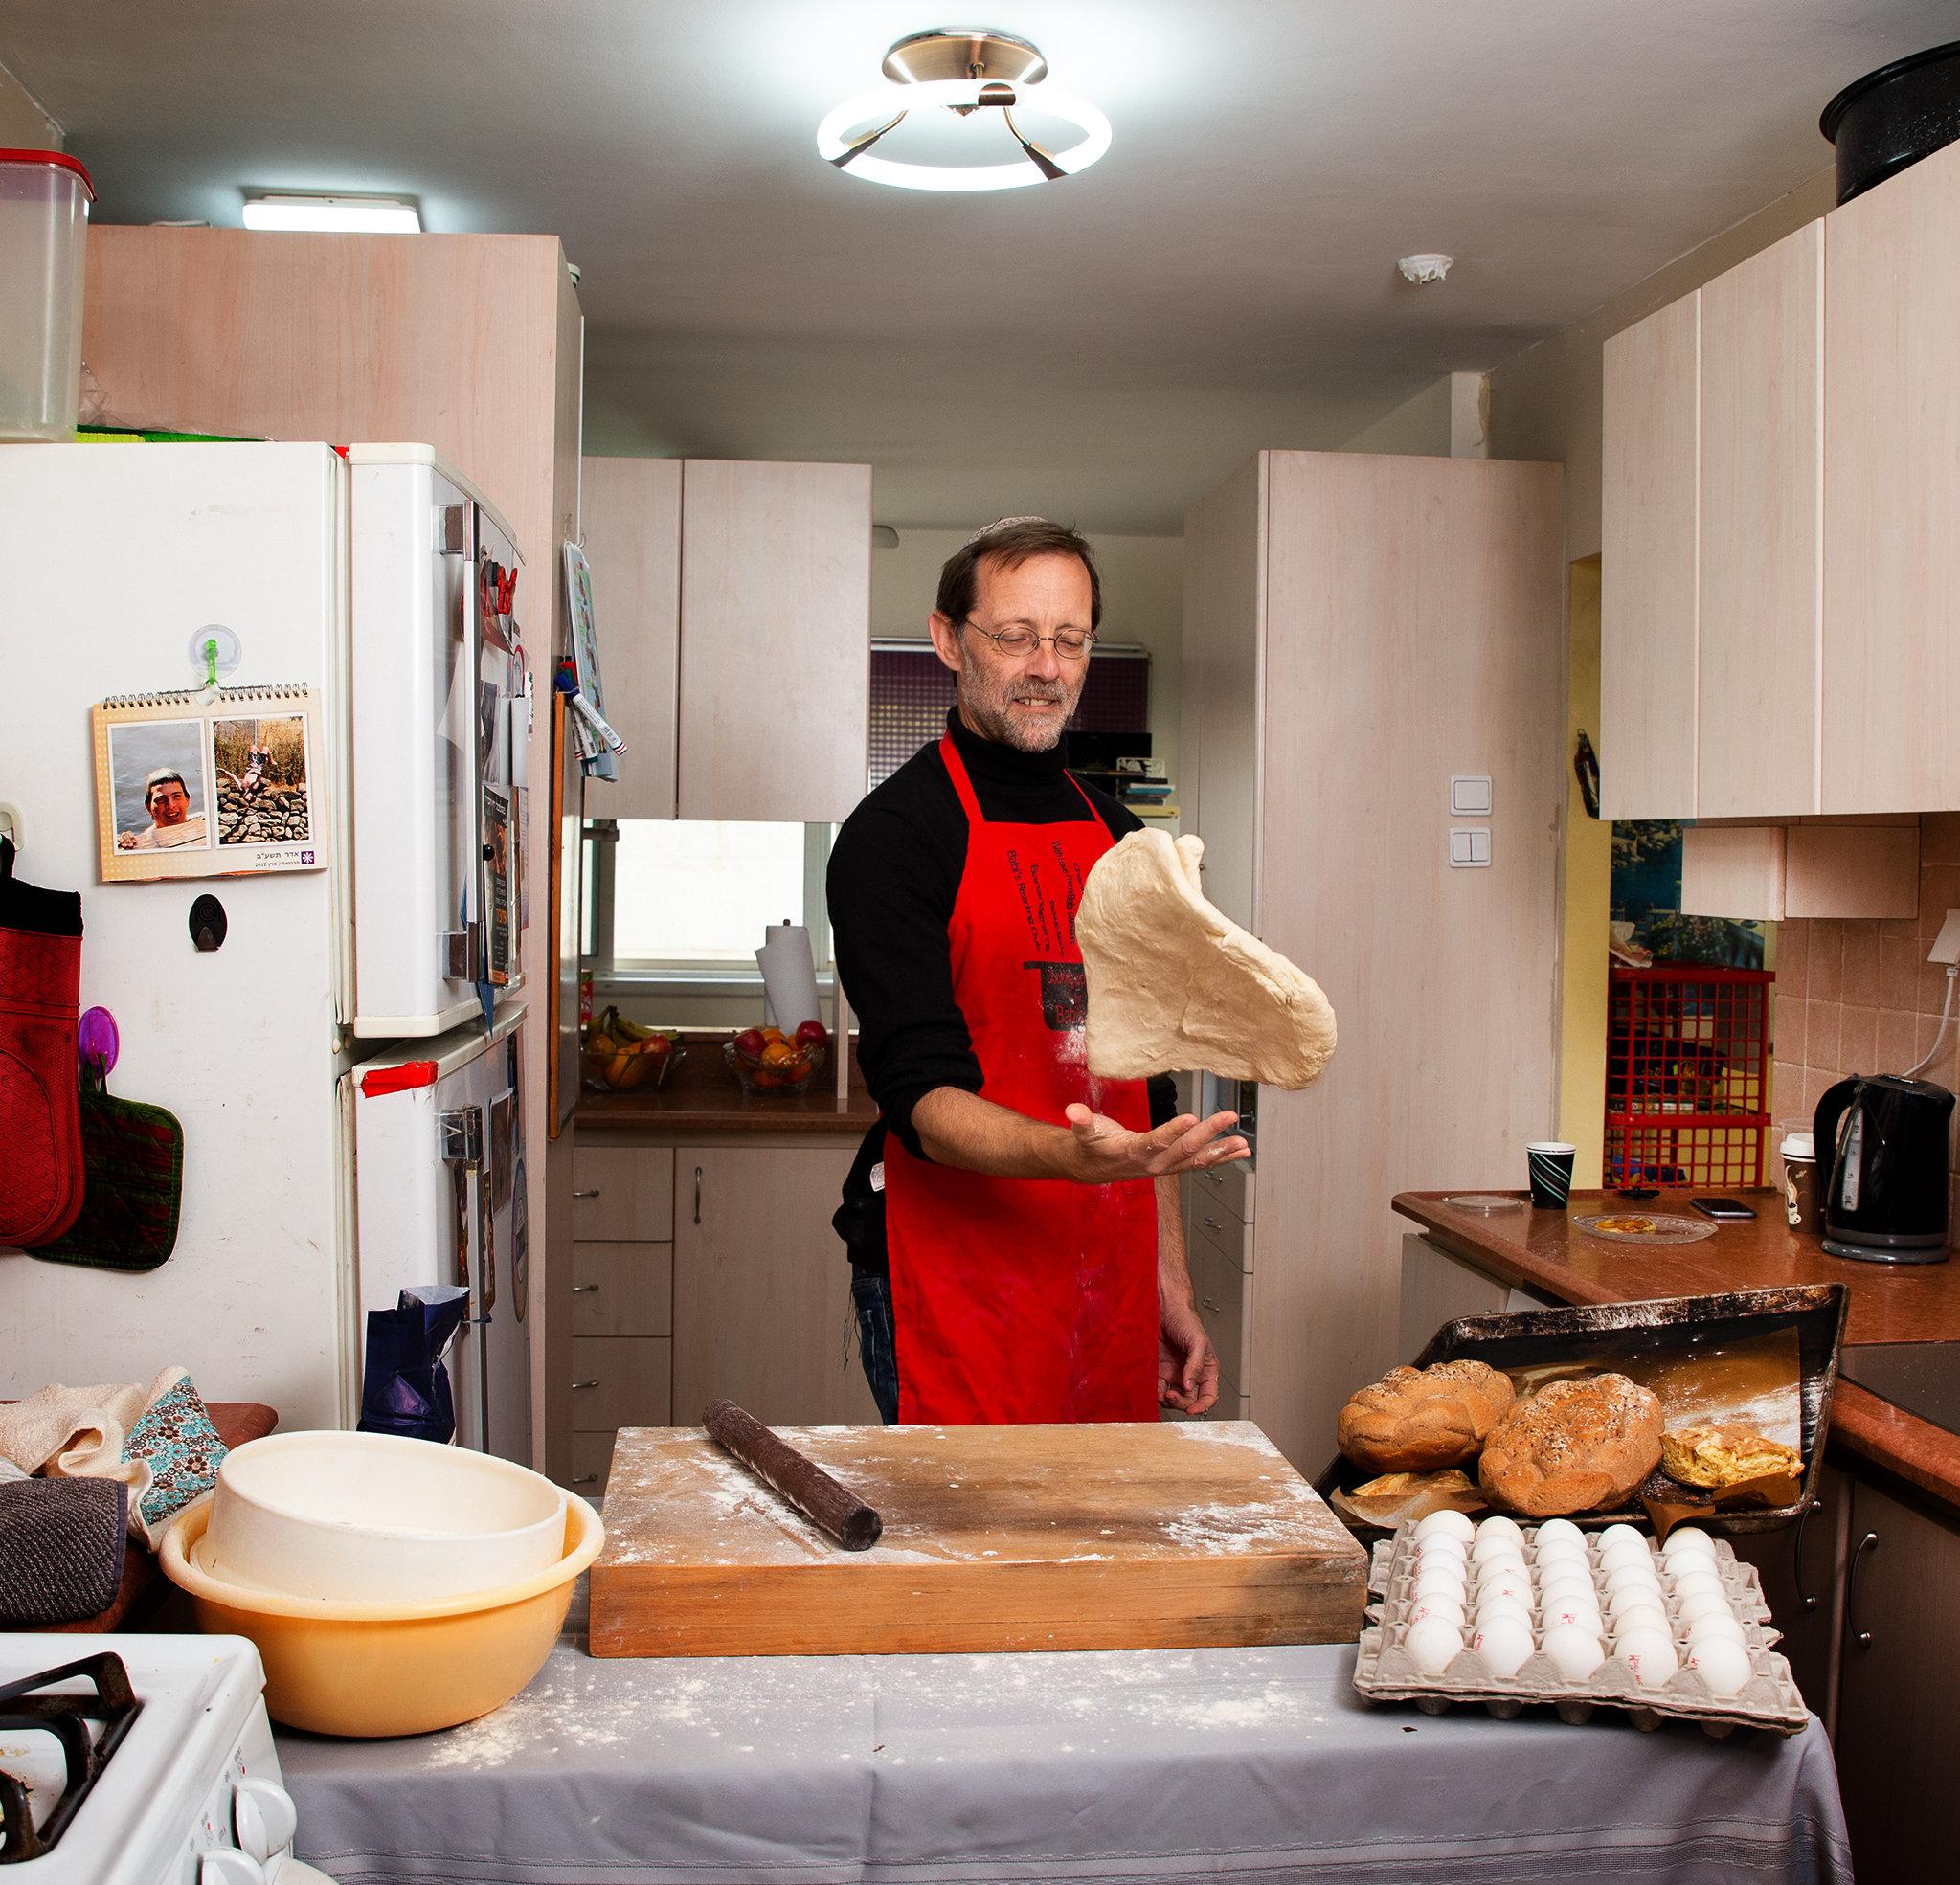 פייגלין במטבח הביתי (צילום: אביגיל עוזי)